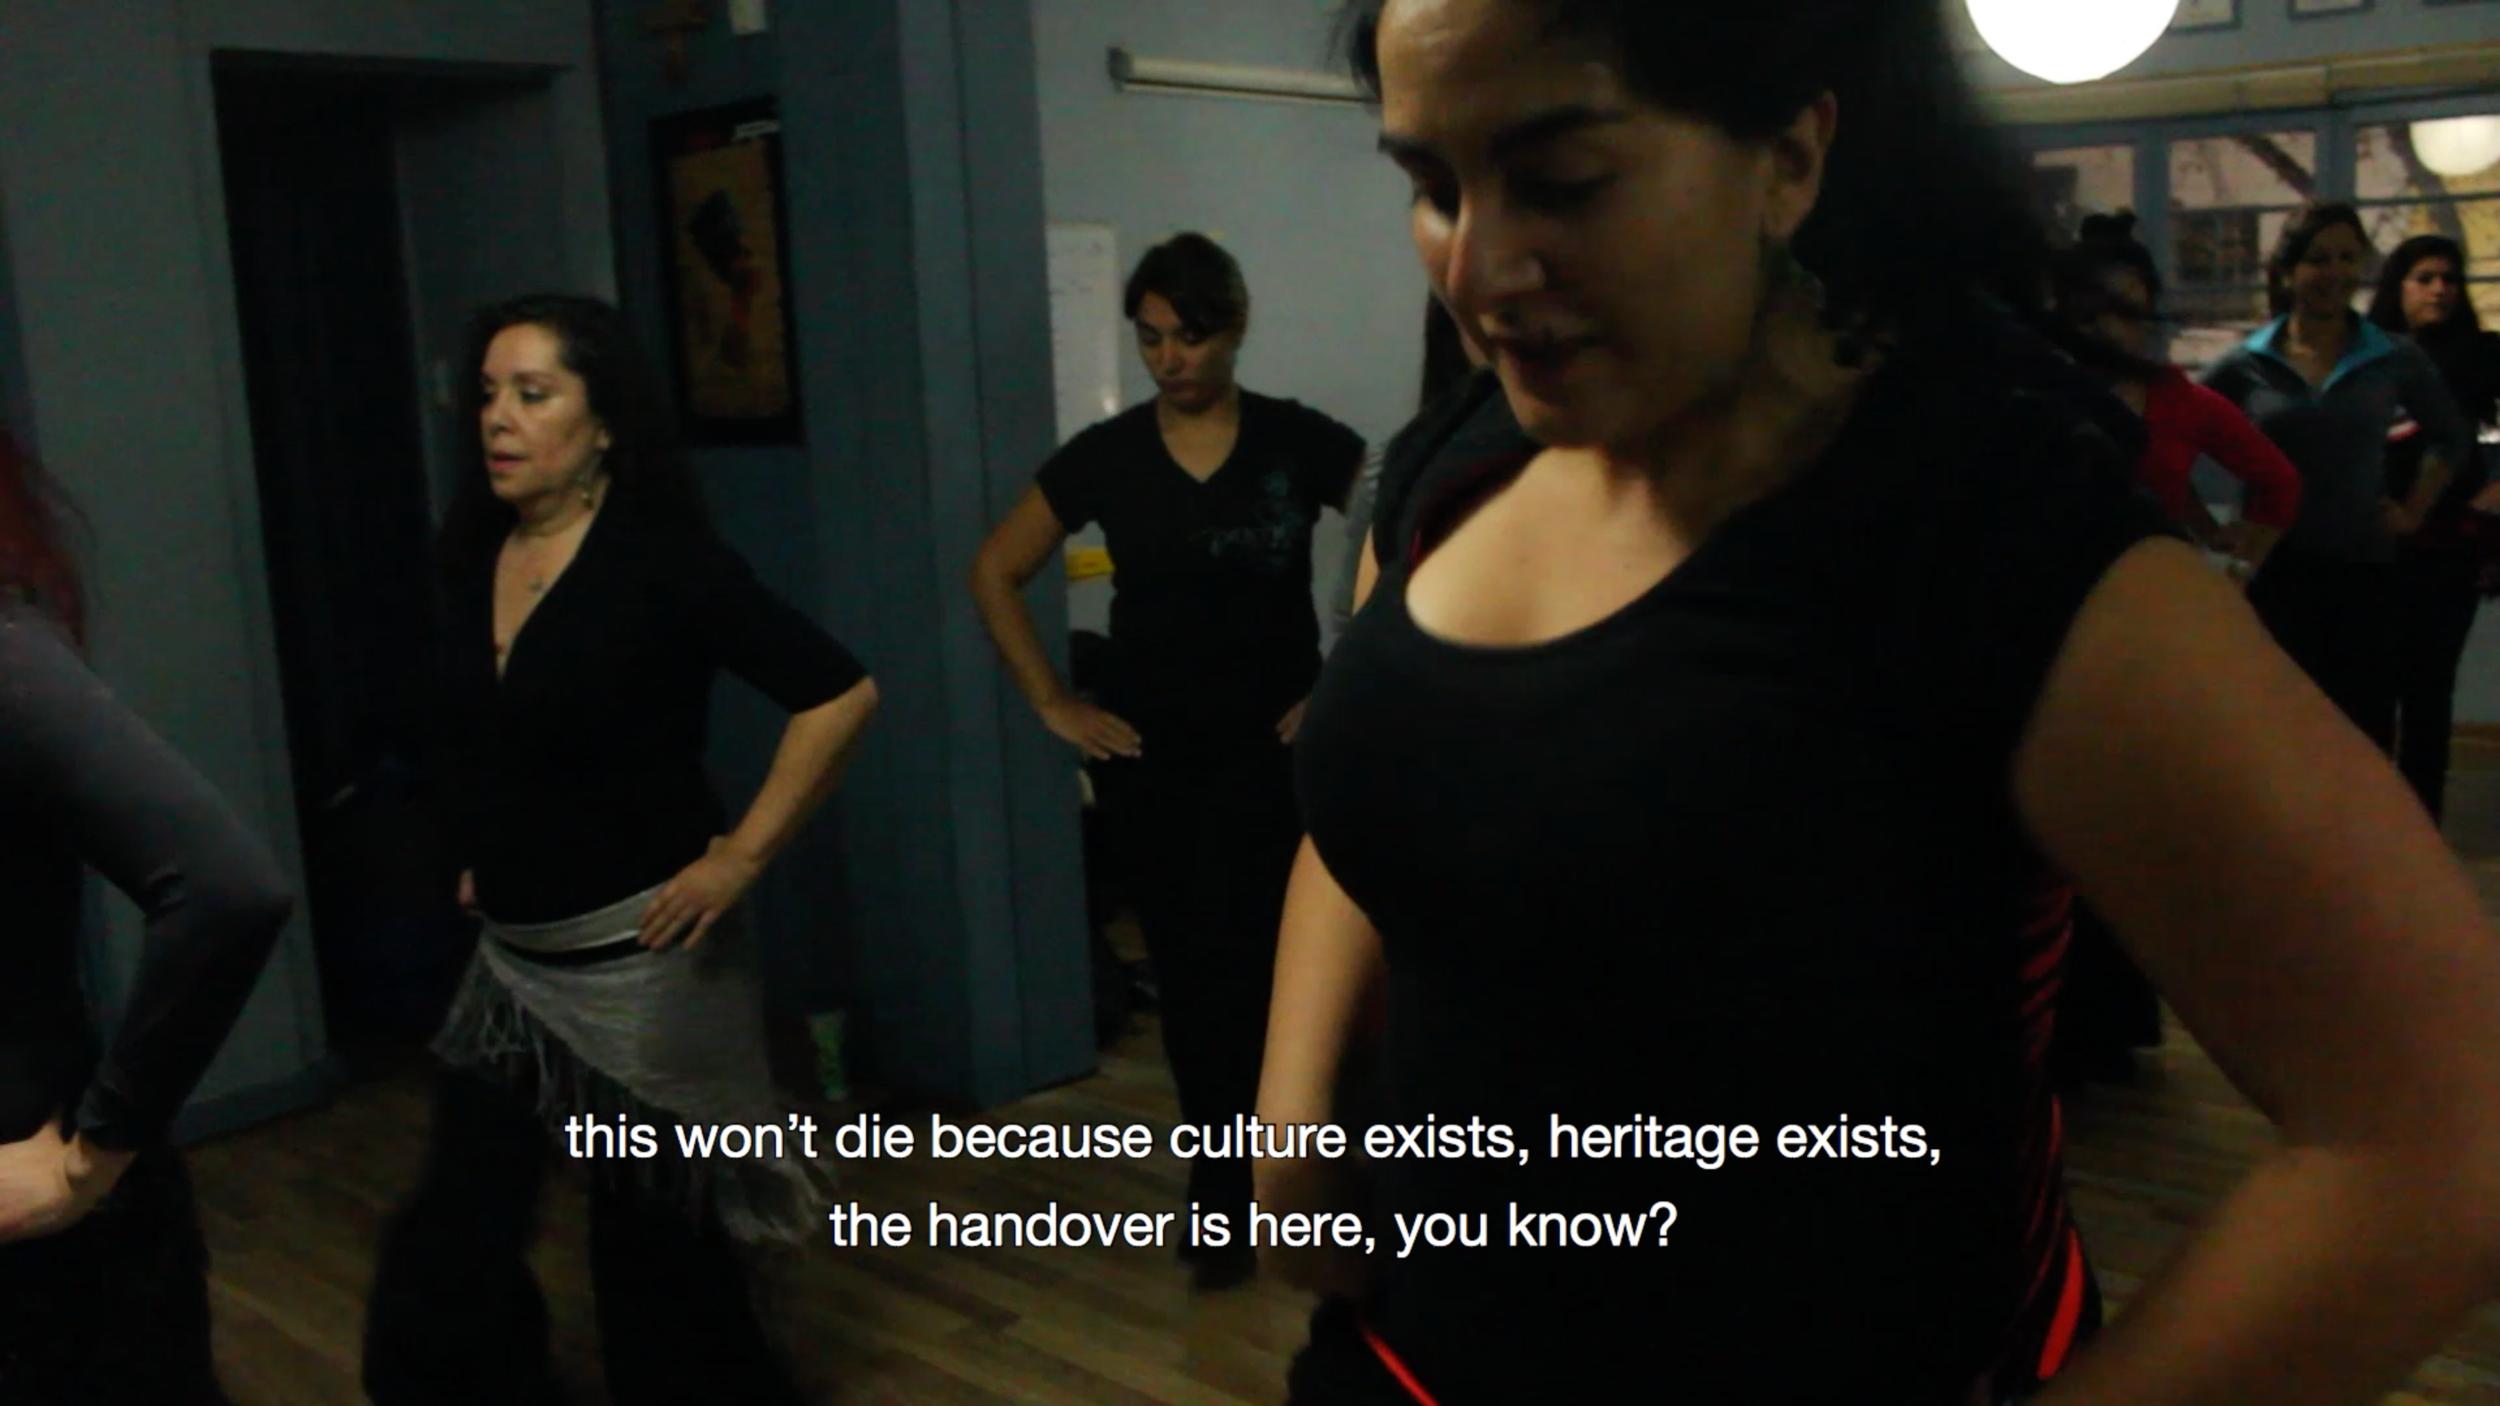 Ojalá: La vuelta al orígen - A film by Yasmine Benabdallah